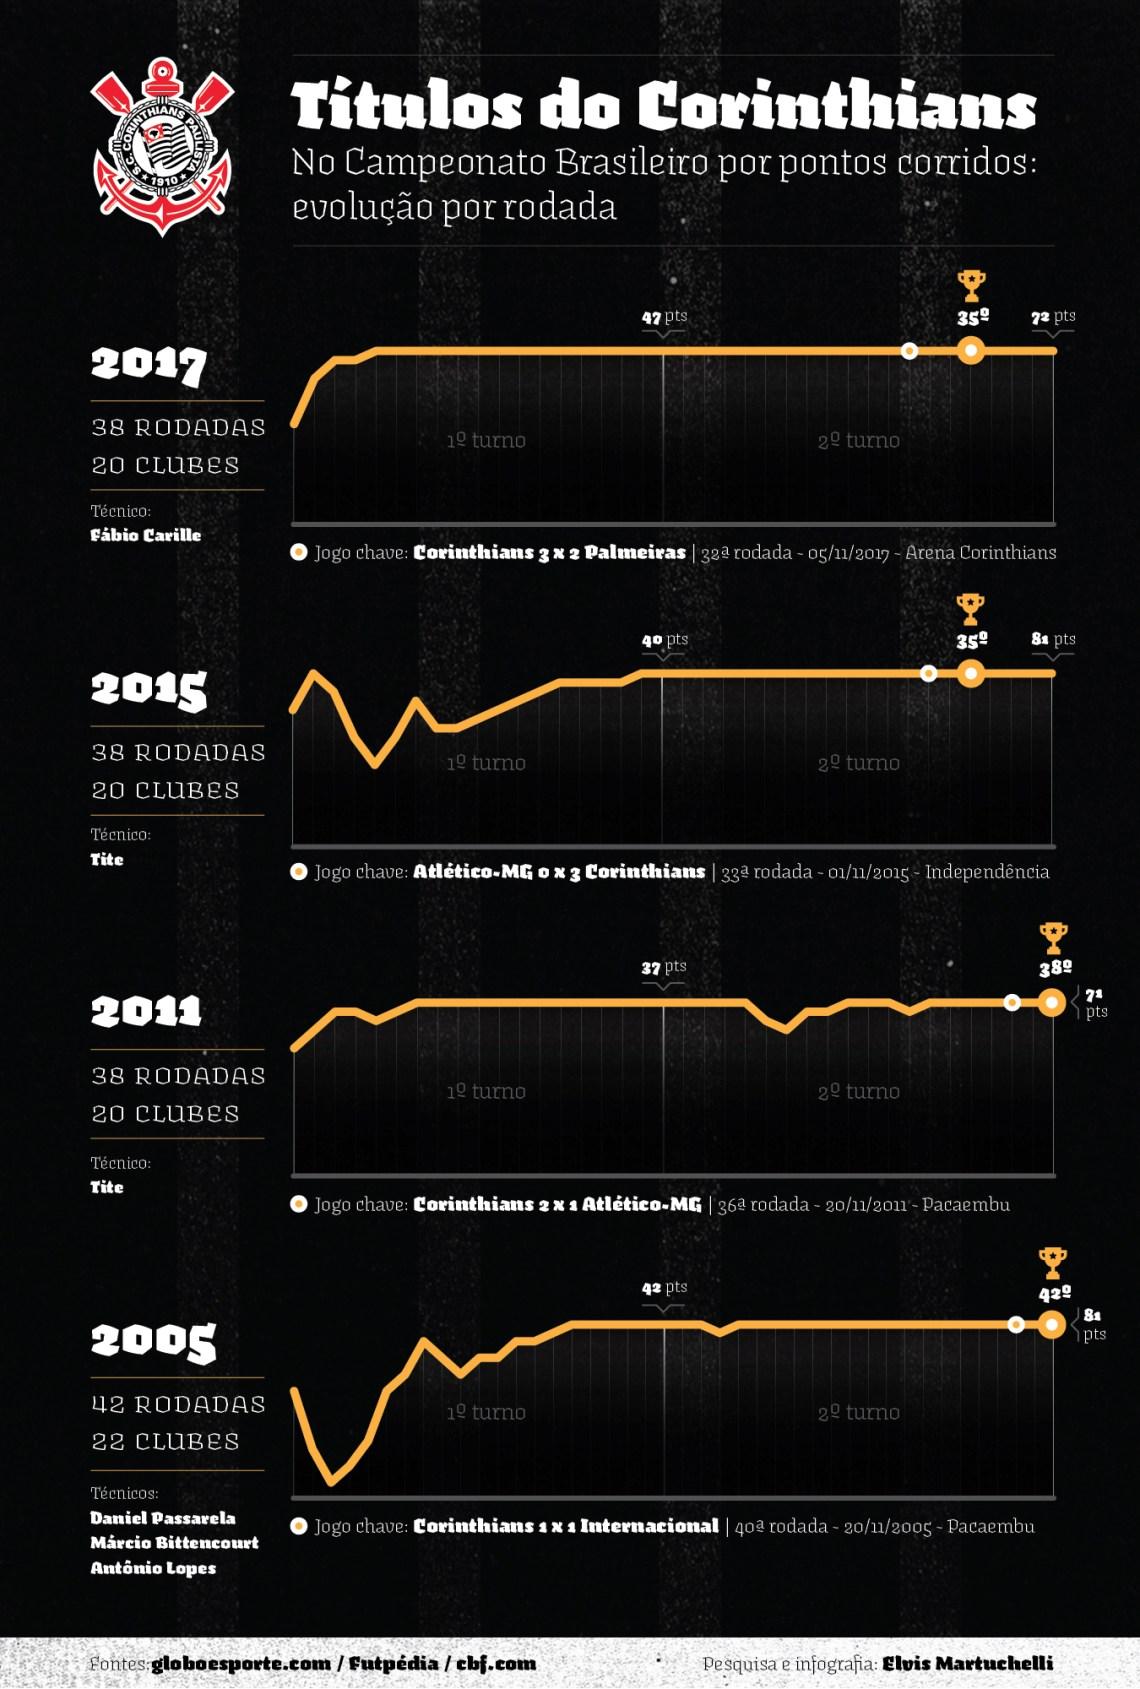 Infográfico: Títulos do Corinthians no Campeonato Brasileiro por pontos corridos: evolução por rodada